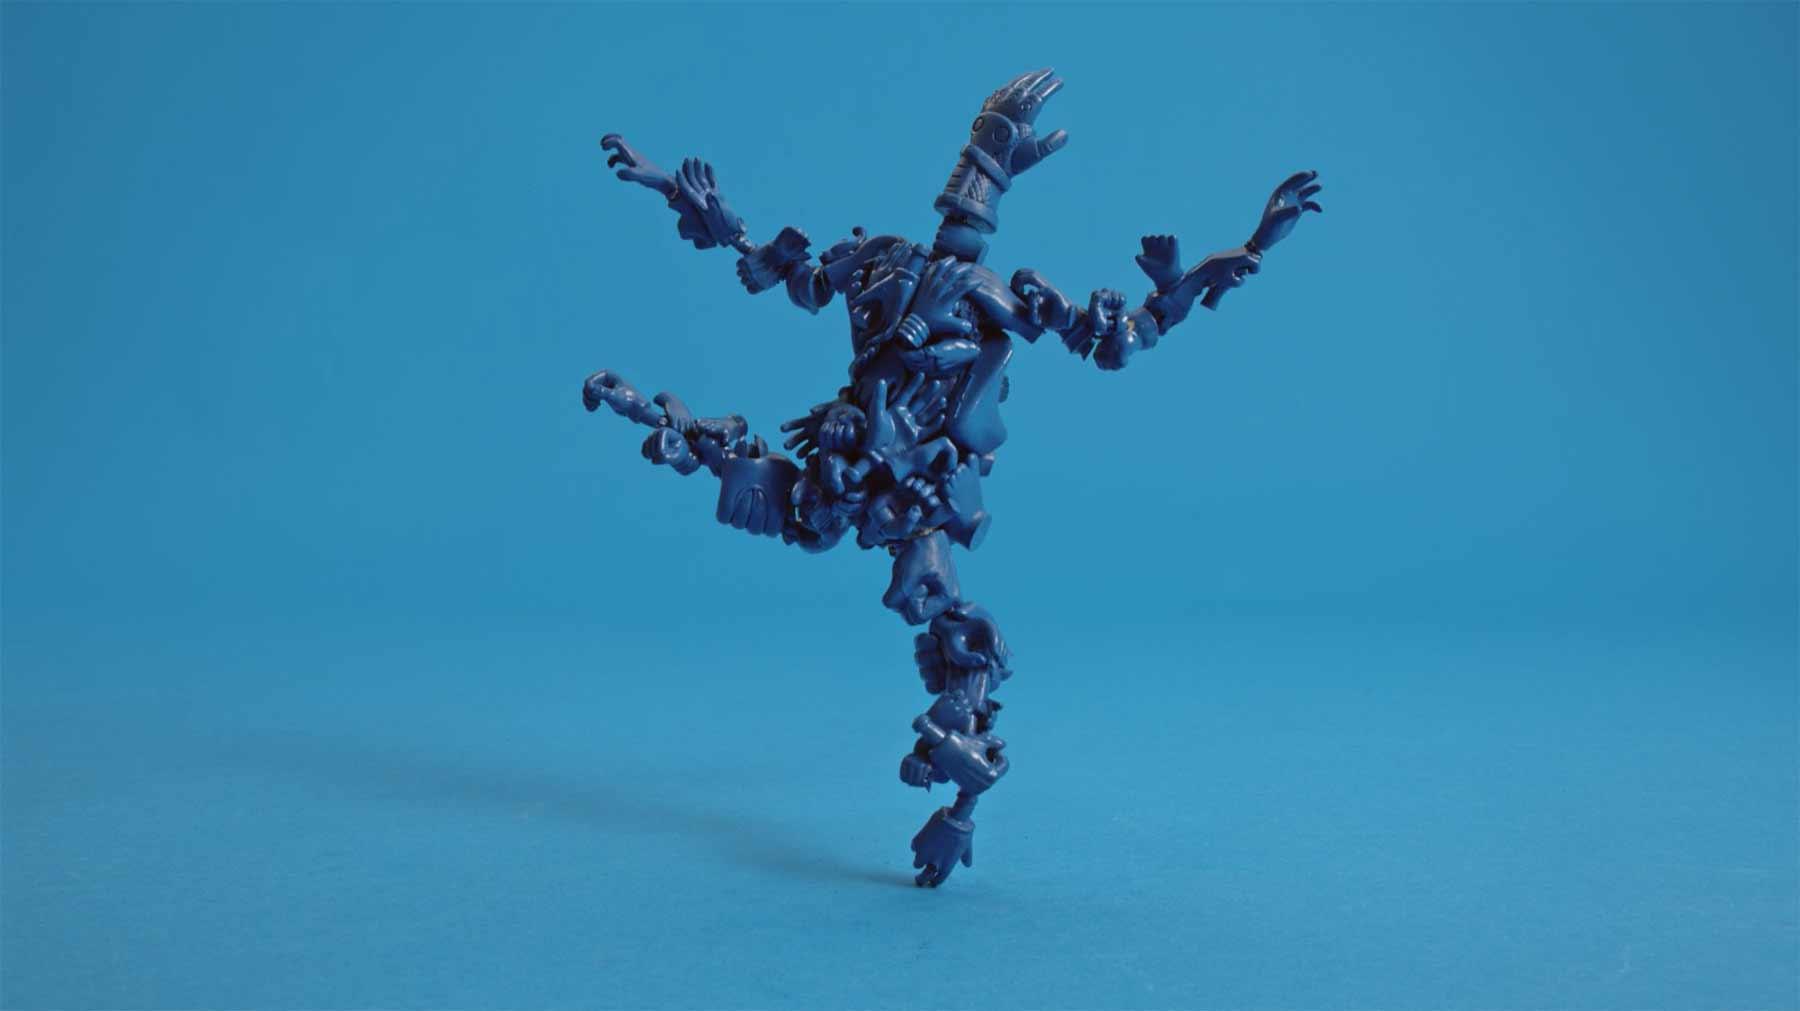 Künstlerische Porzellanfigur-Stopmotion